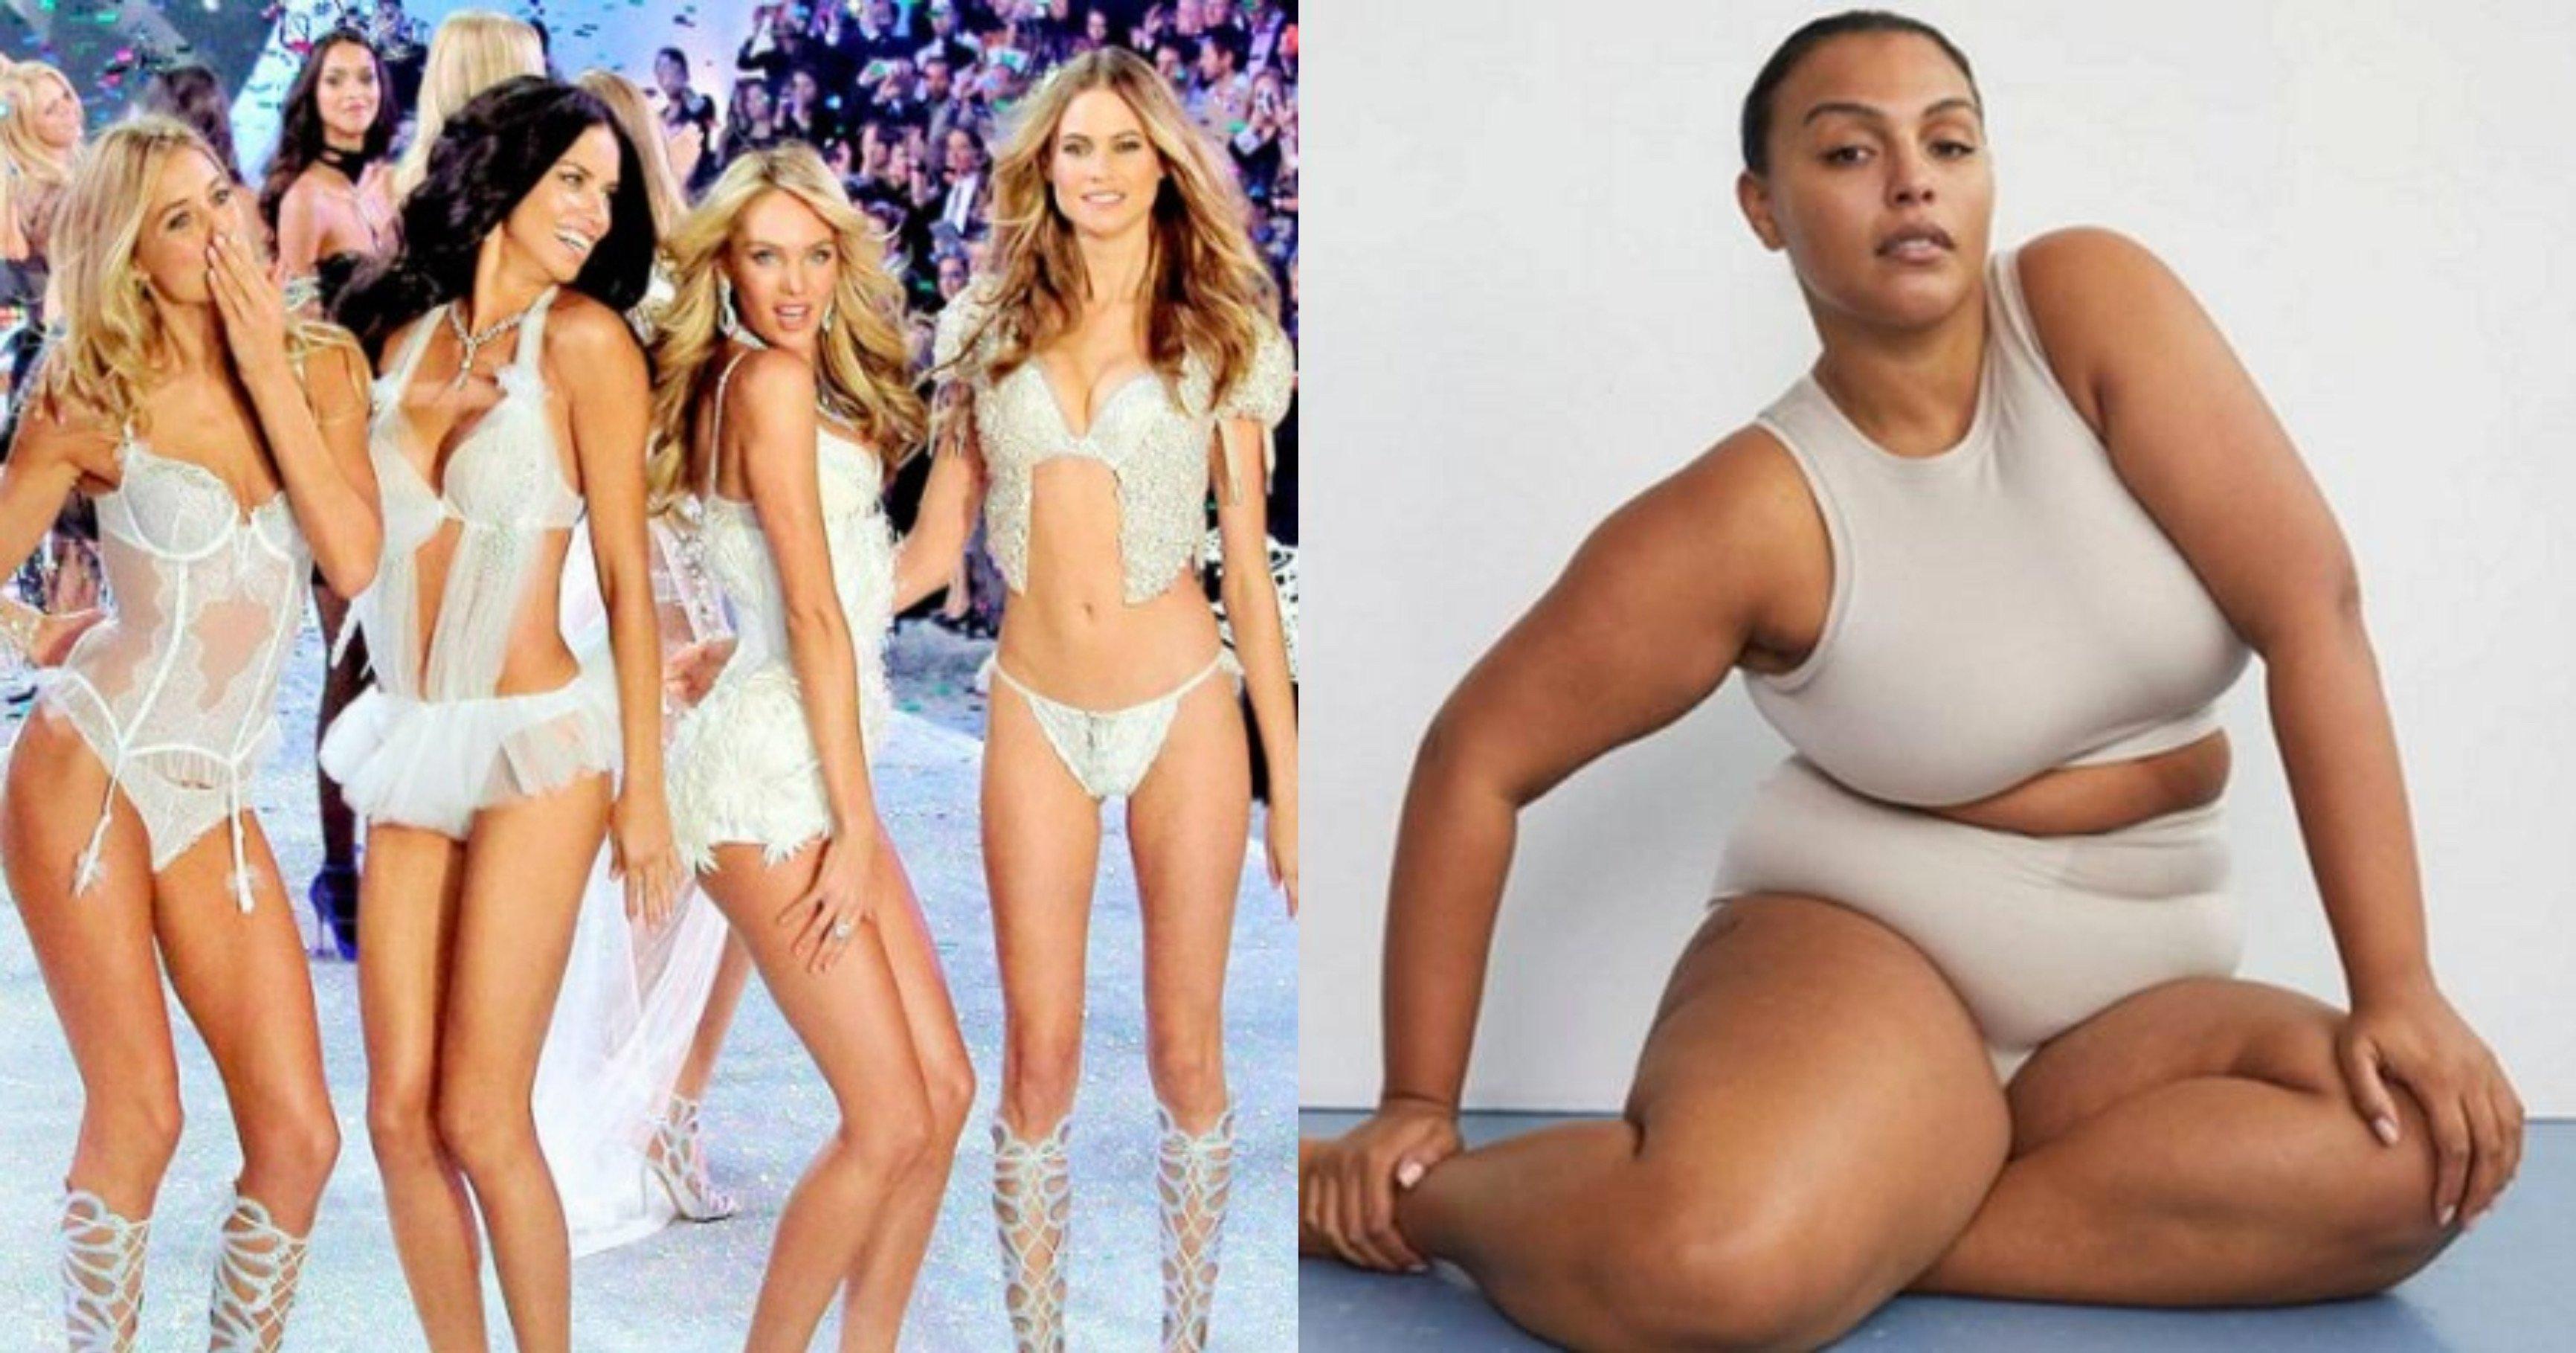 """a6a114b8 b941 4847 a0ca 1e1402b45b42.jpeg?resize=412,232 - """"여자들이 진짜로 원하는 속옷 만들거에요""""라며 '트젠·빅사이즈 모델' 캐스팅한 빅토리아 시크릿"""